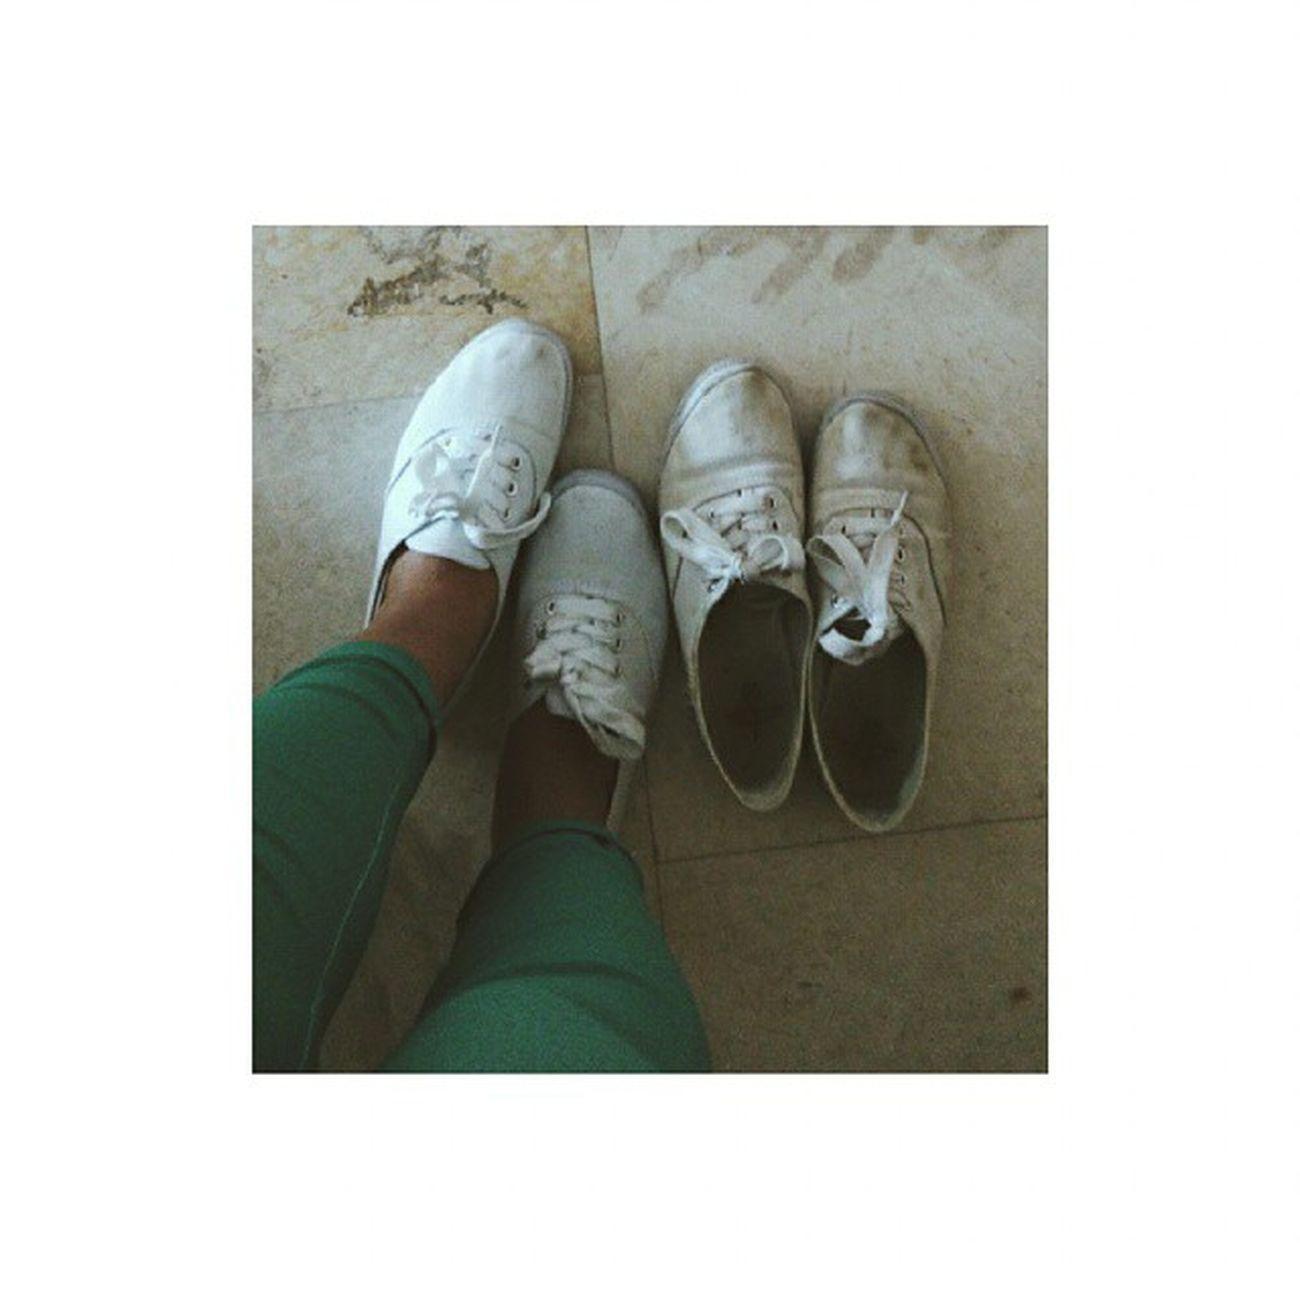 Benim Kirli Ihtiyar Ve Yakışıklı Genç Ayakkabılarım ✌👟👟